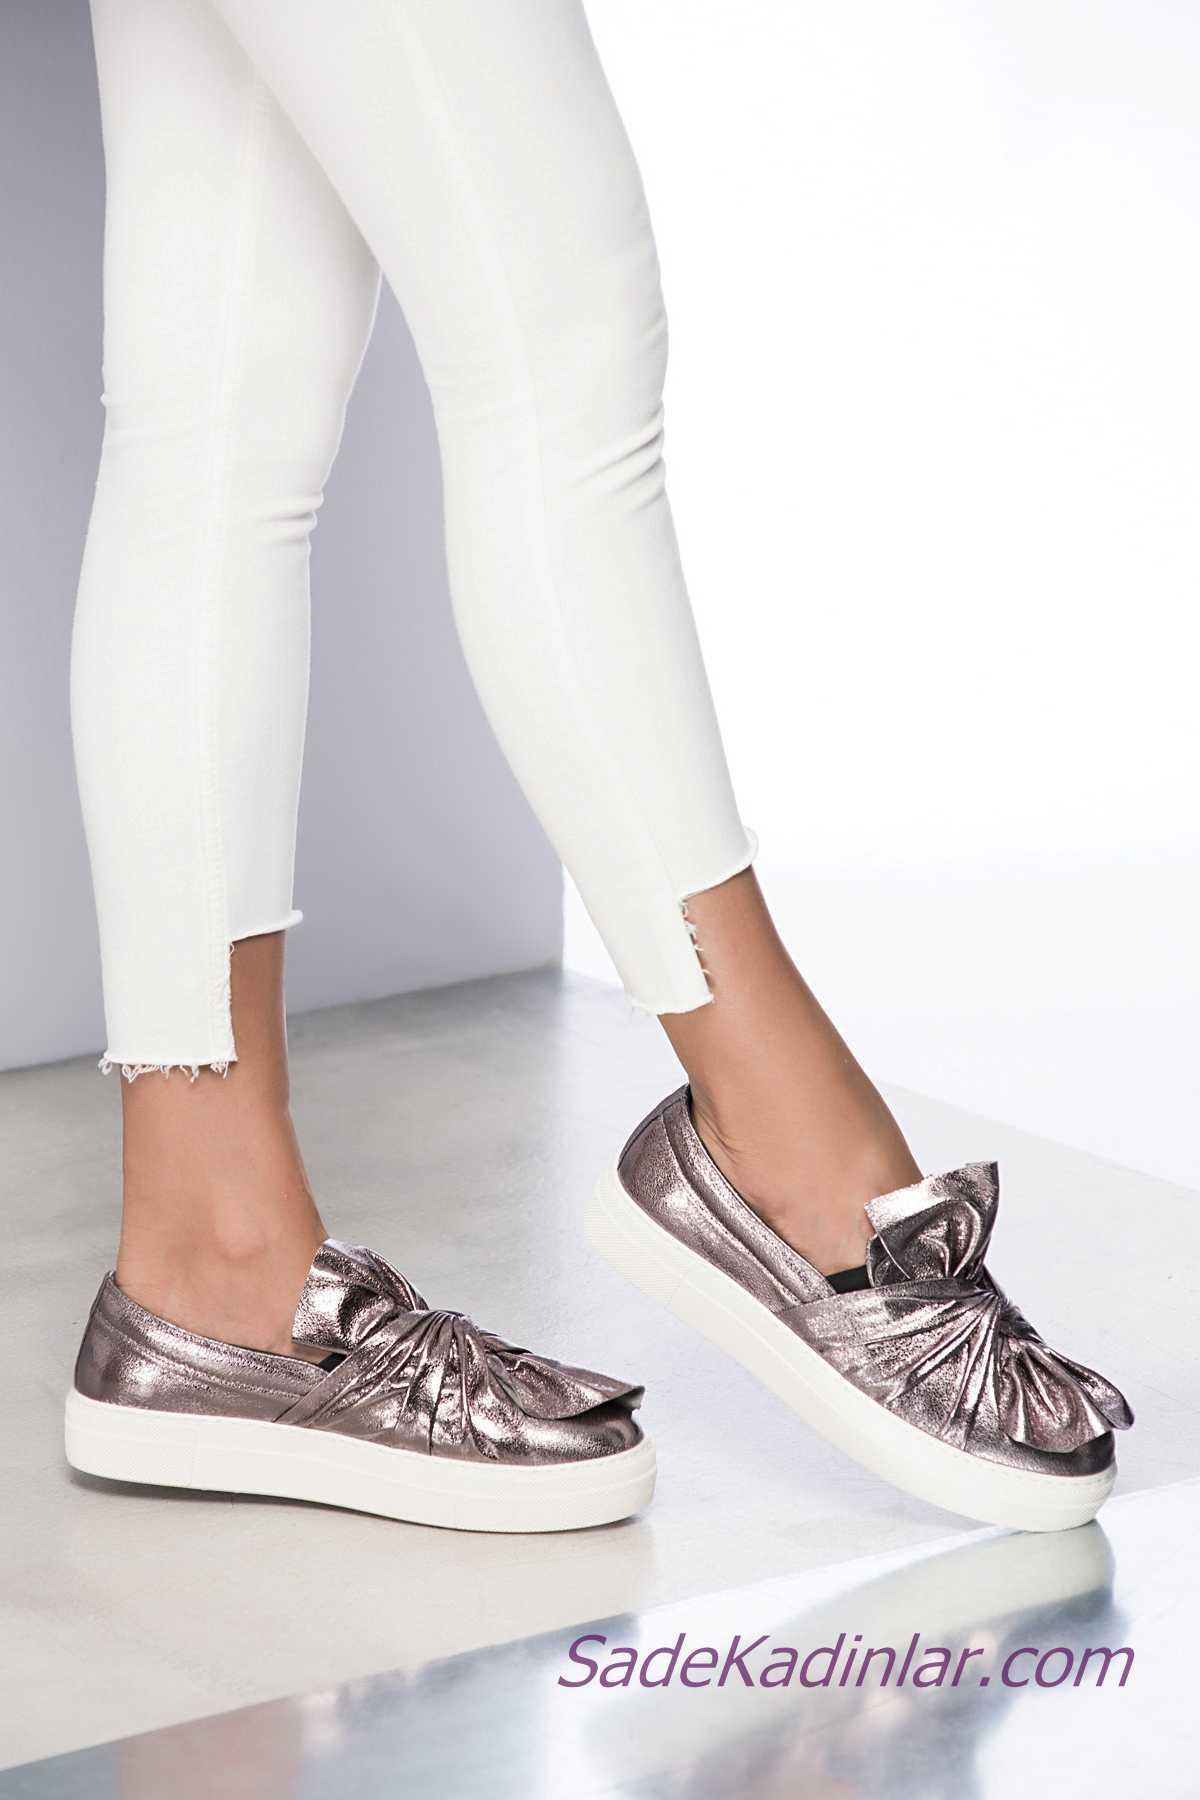 Sneakers Bayan Spor Ayakkabı Modelleri Gümüş Fiyonklu Lastikli